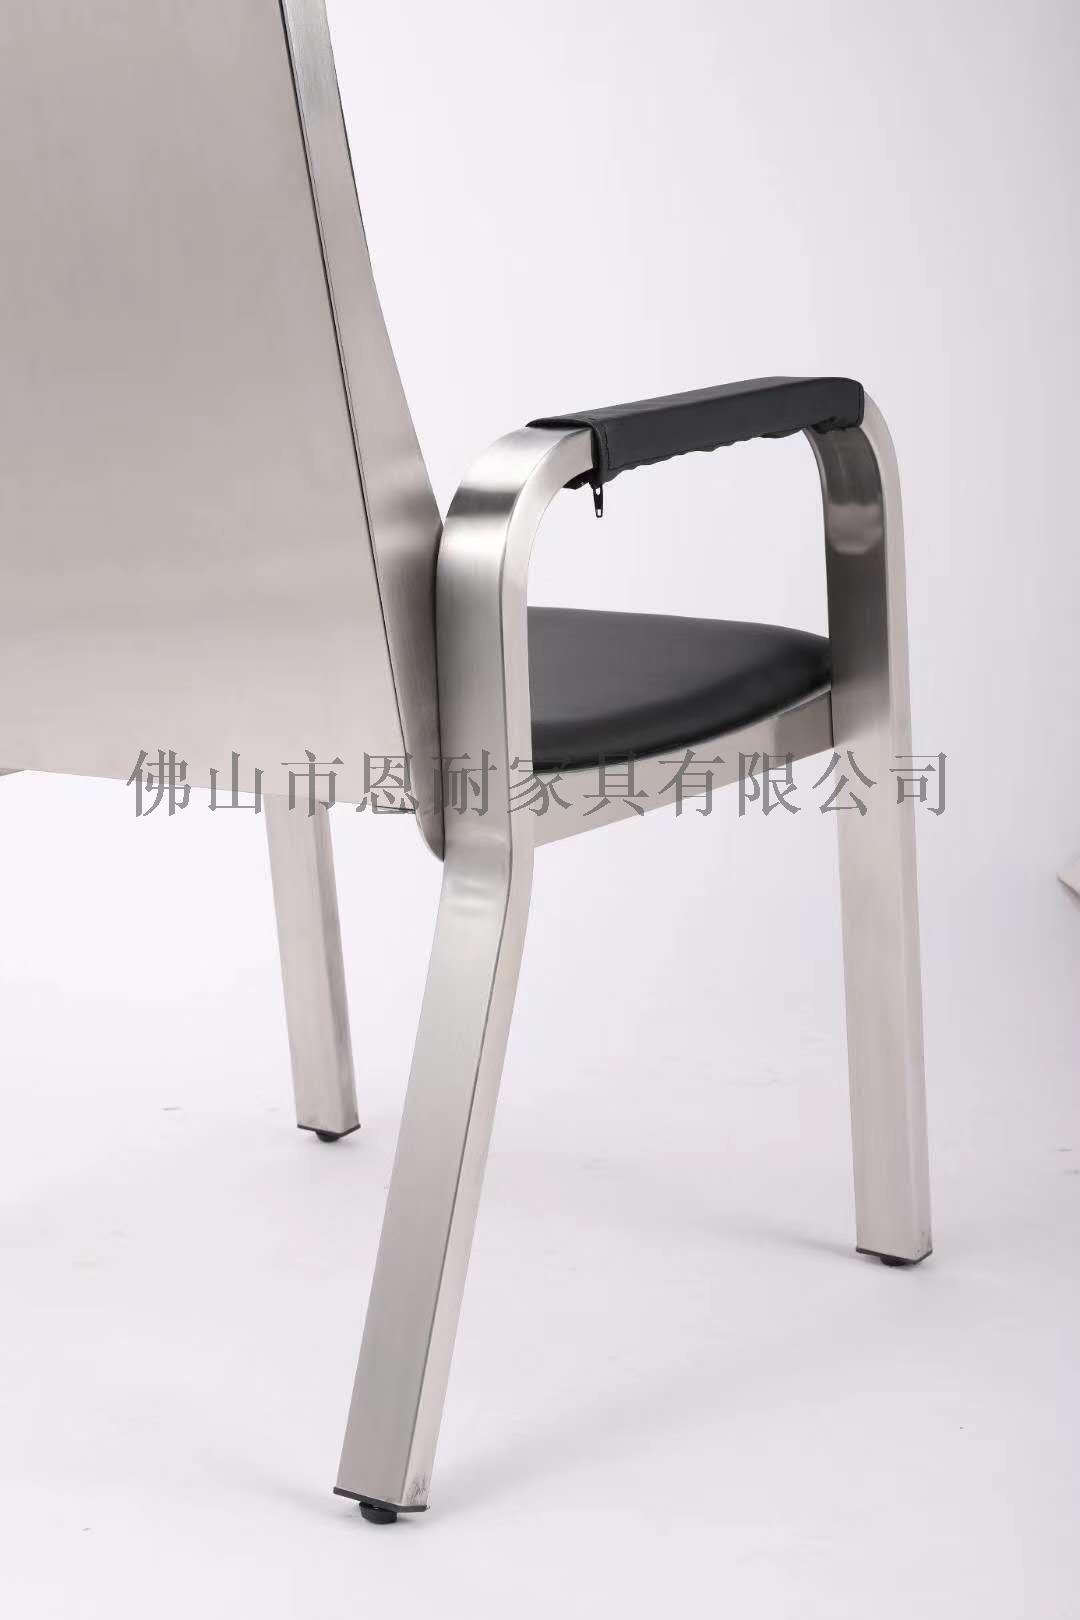 不锈钢排椅厂家 不锈钢平板椅 不锈钢监盘椅932820405